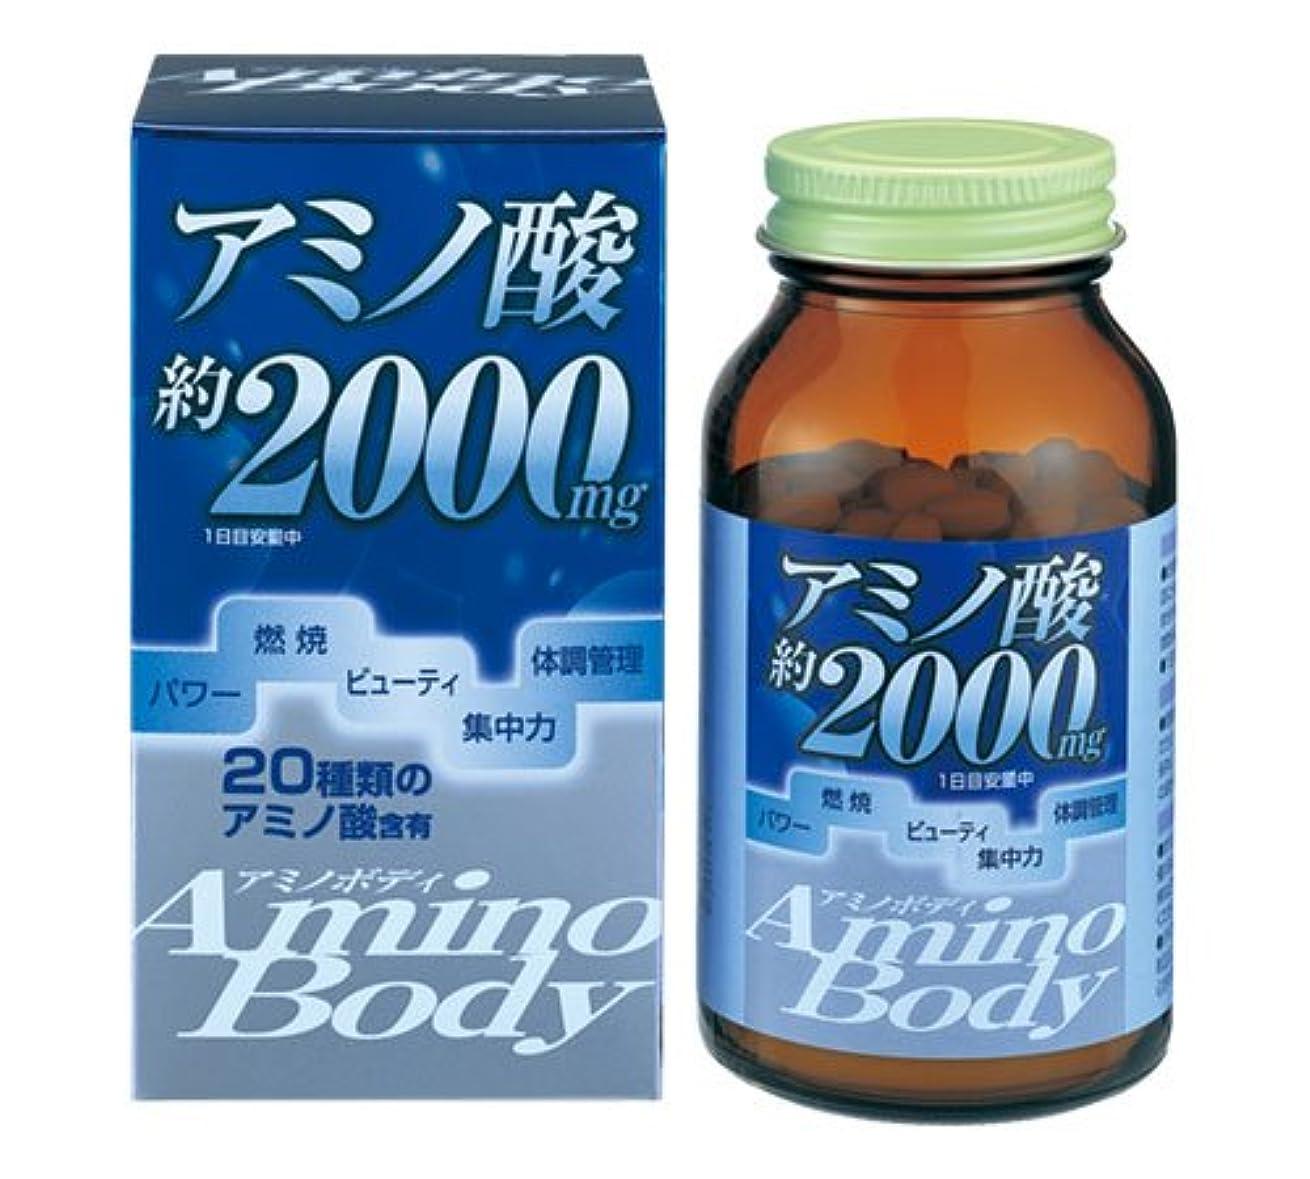 くちばし減らす蚊オリヒロ アミノボディ粒 250粒